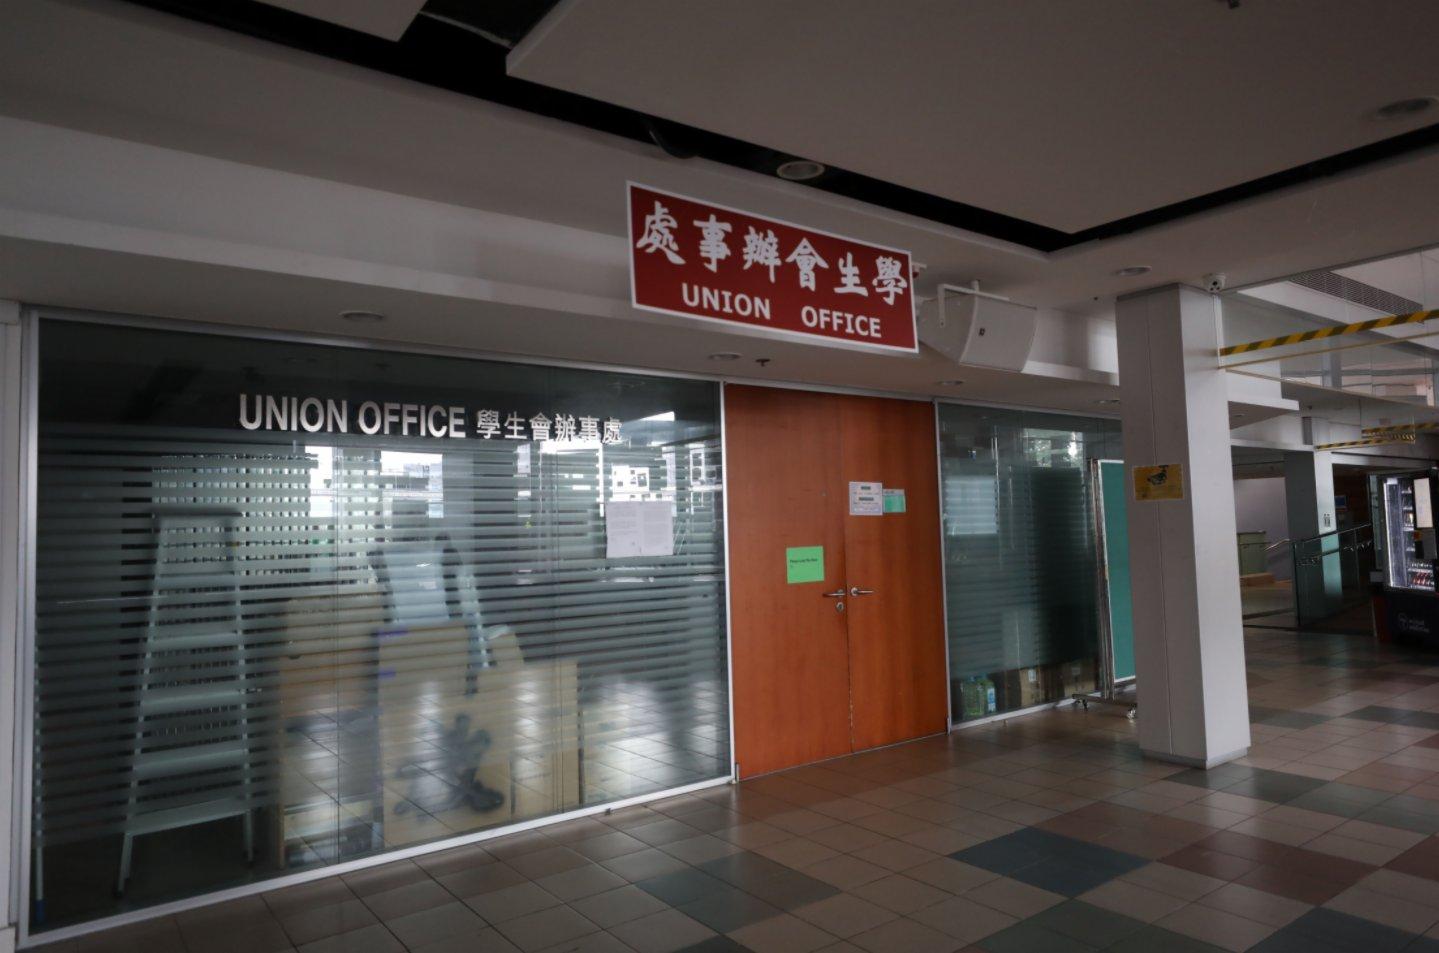 港大學生會遷出綜合大樓 今起再無固定會址